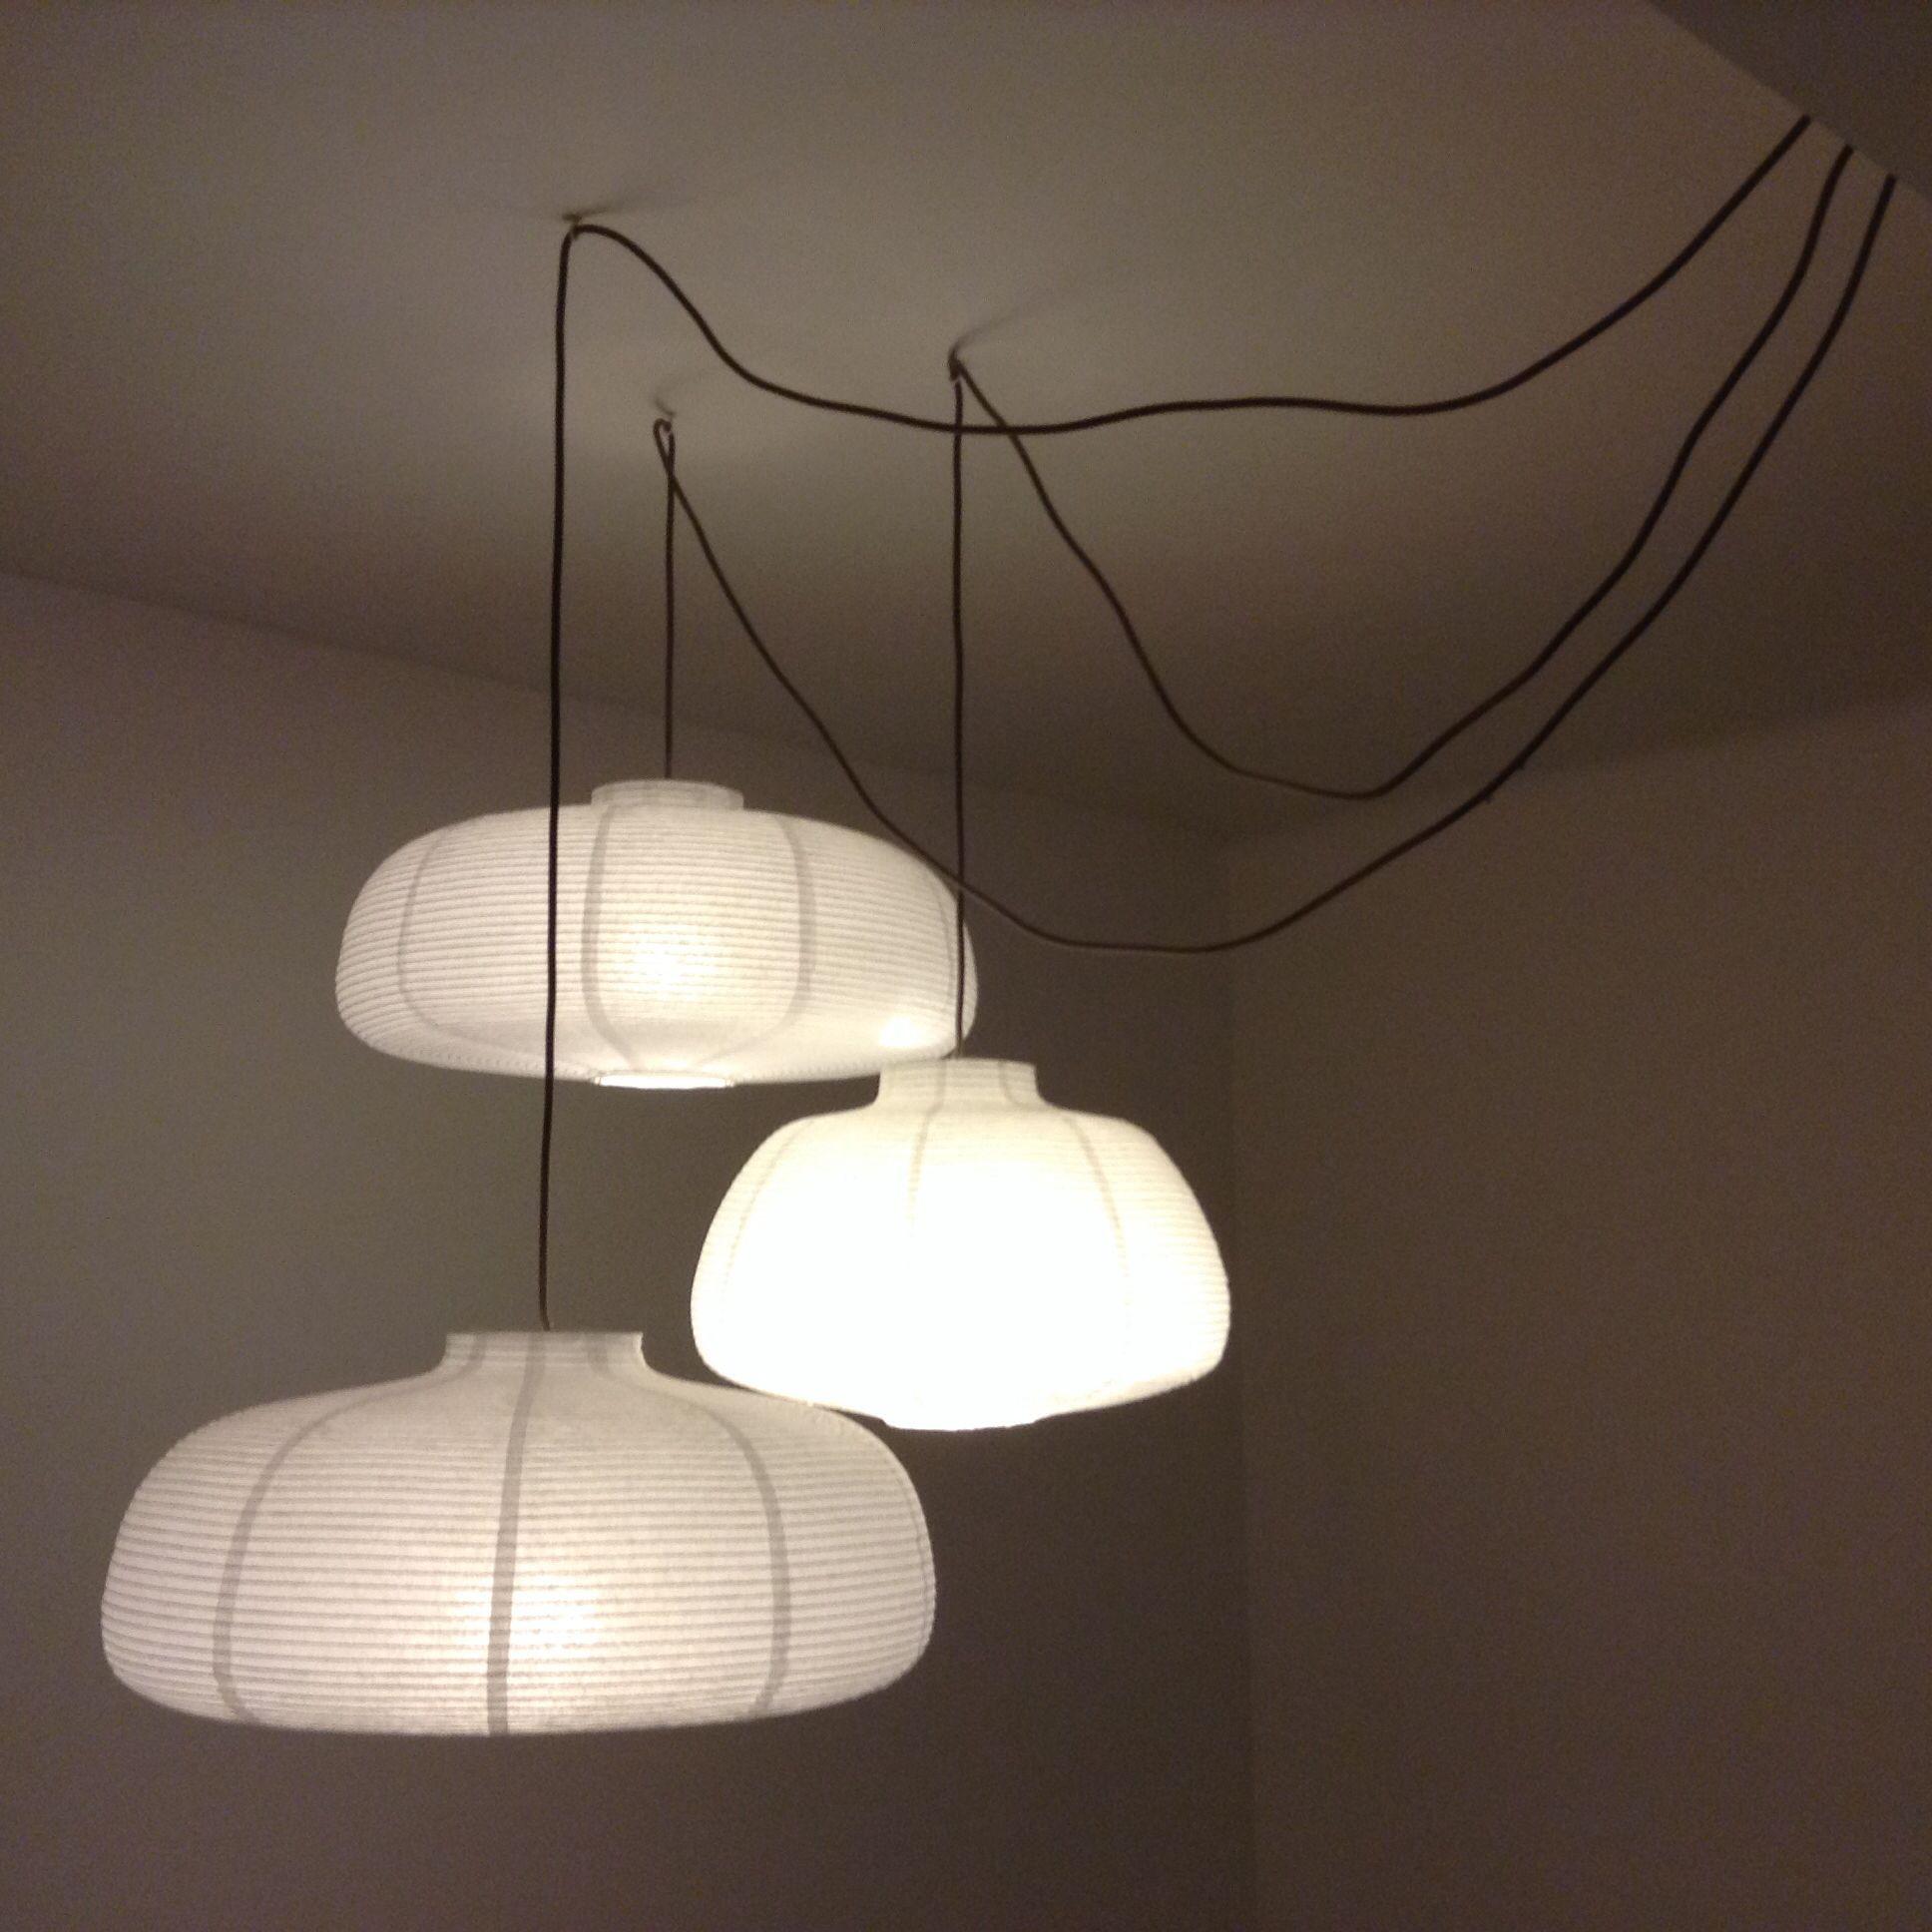 Luminaire Maison - Fils Leroy Merlin, Boules Ikea, Pour destiné Lustre Leroy Merlin